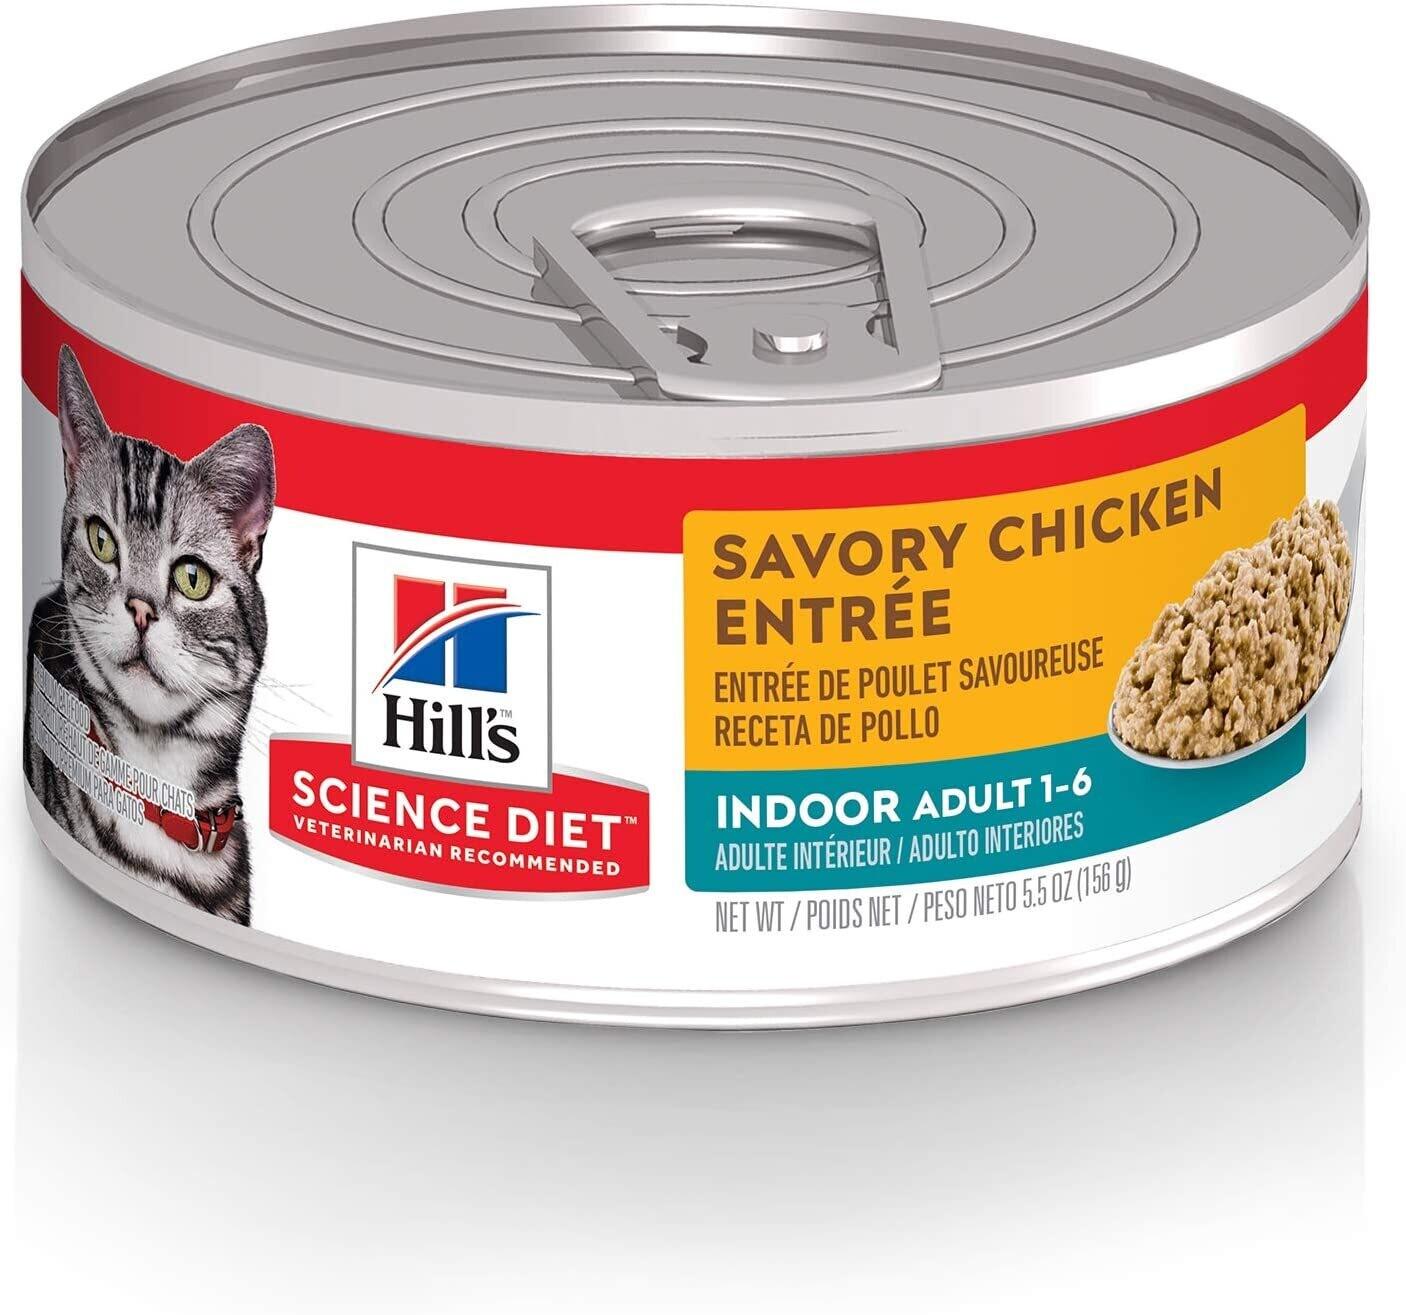 HILL'S SCIENCE DIET ADULT CAT INDOOR CHICKEN ENTREE 5.5OZ